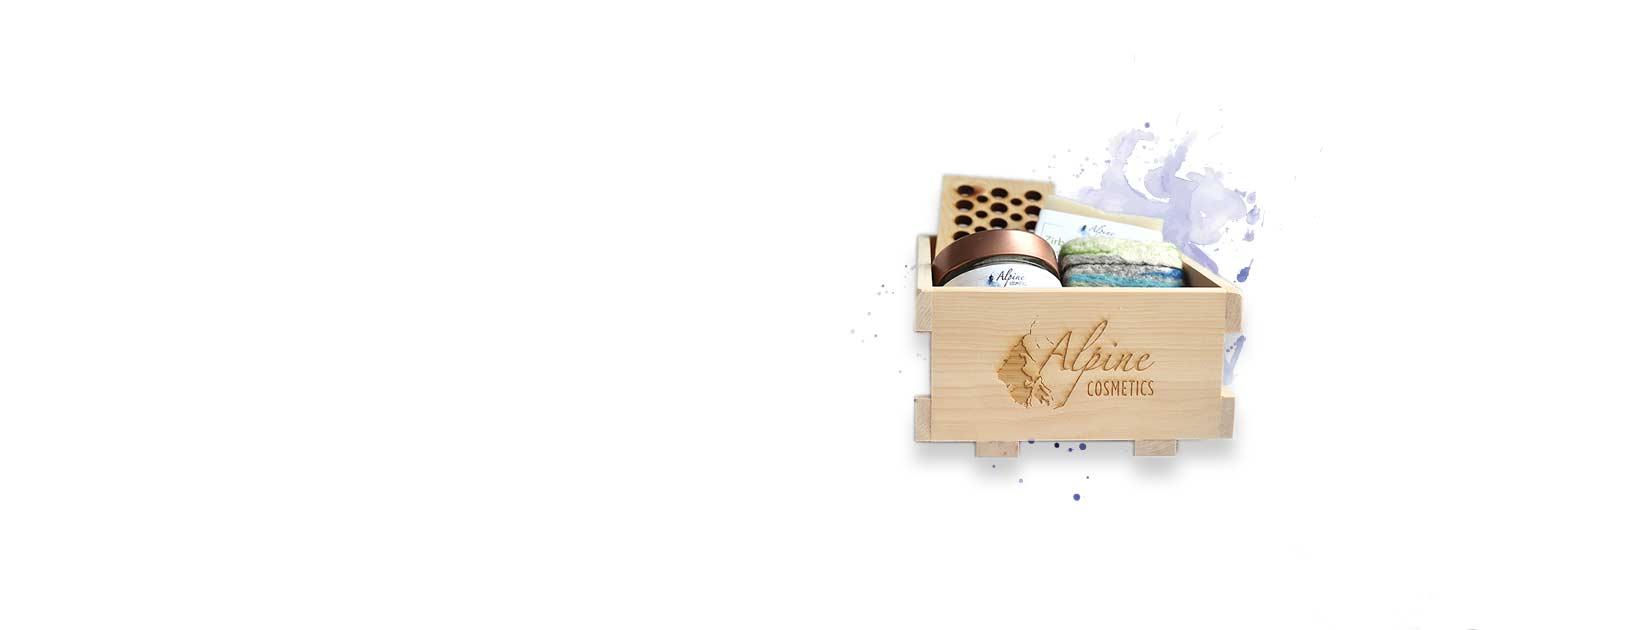 Individuelles Branding von Alpine Cosmetics